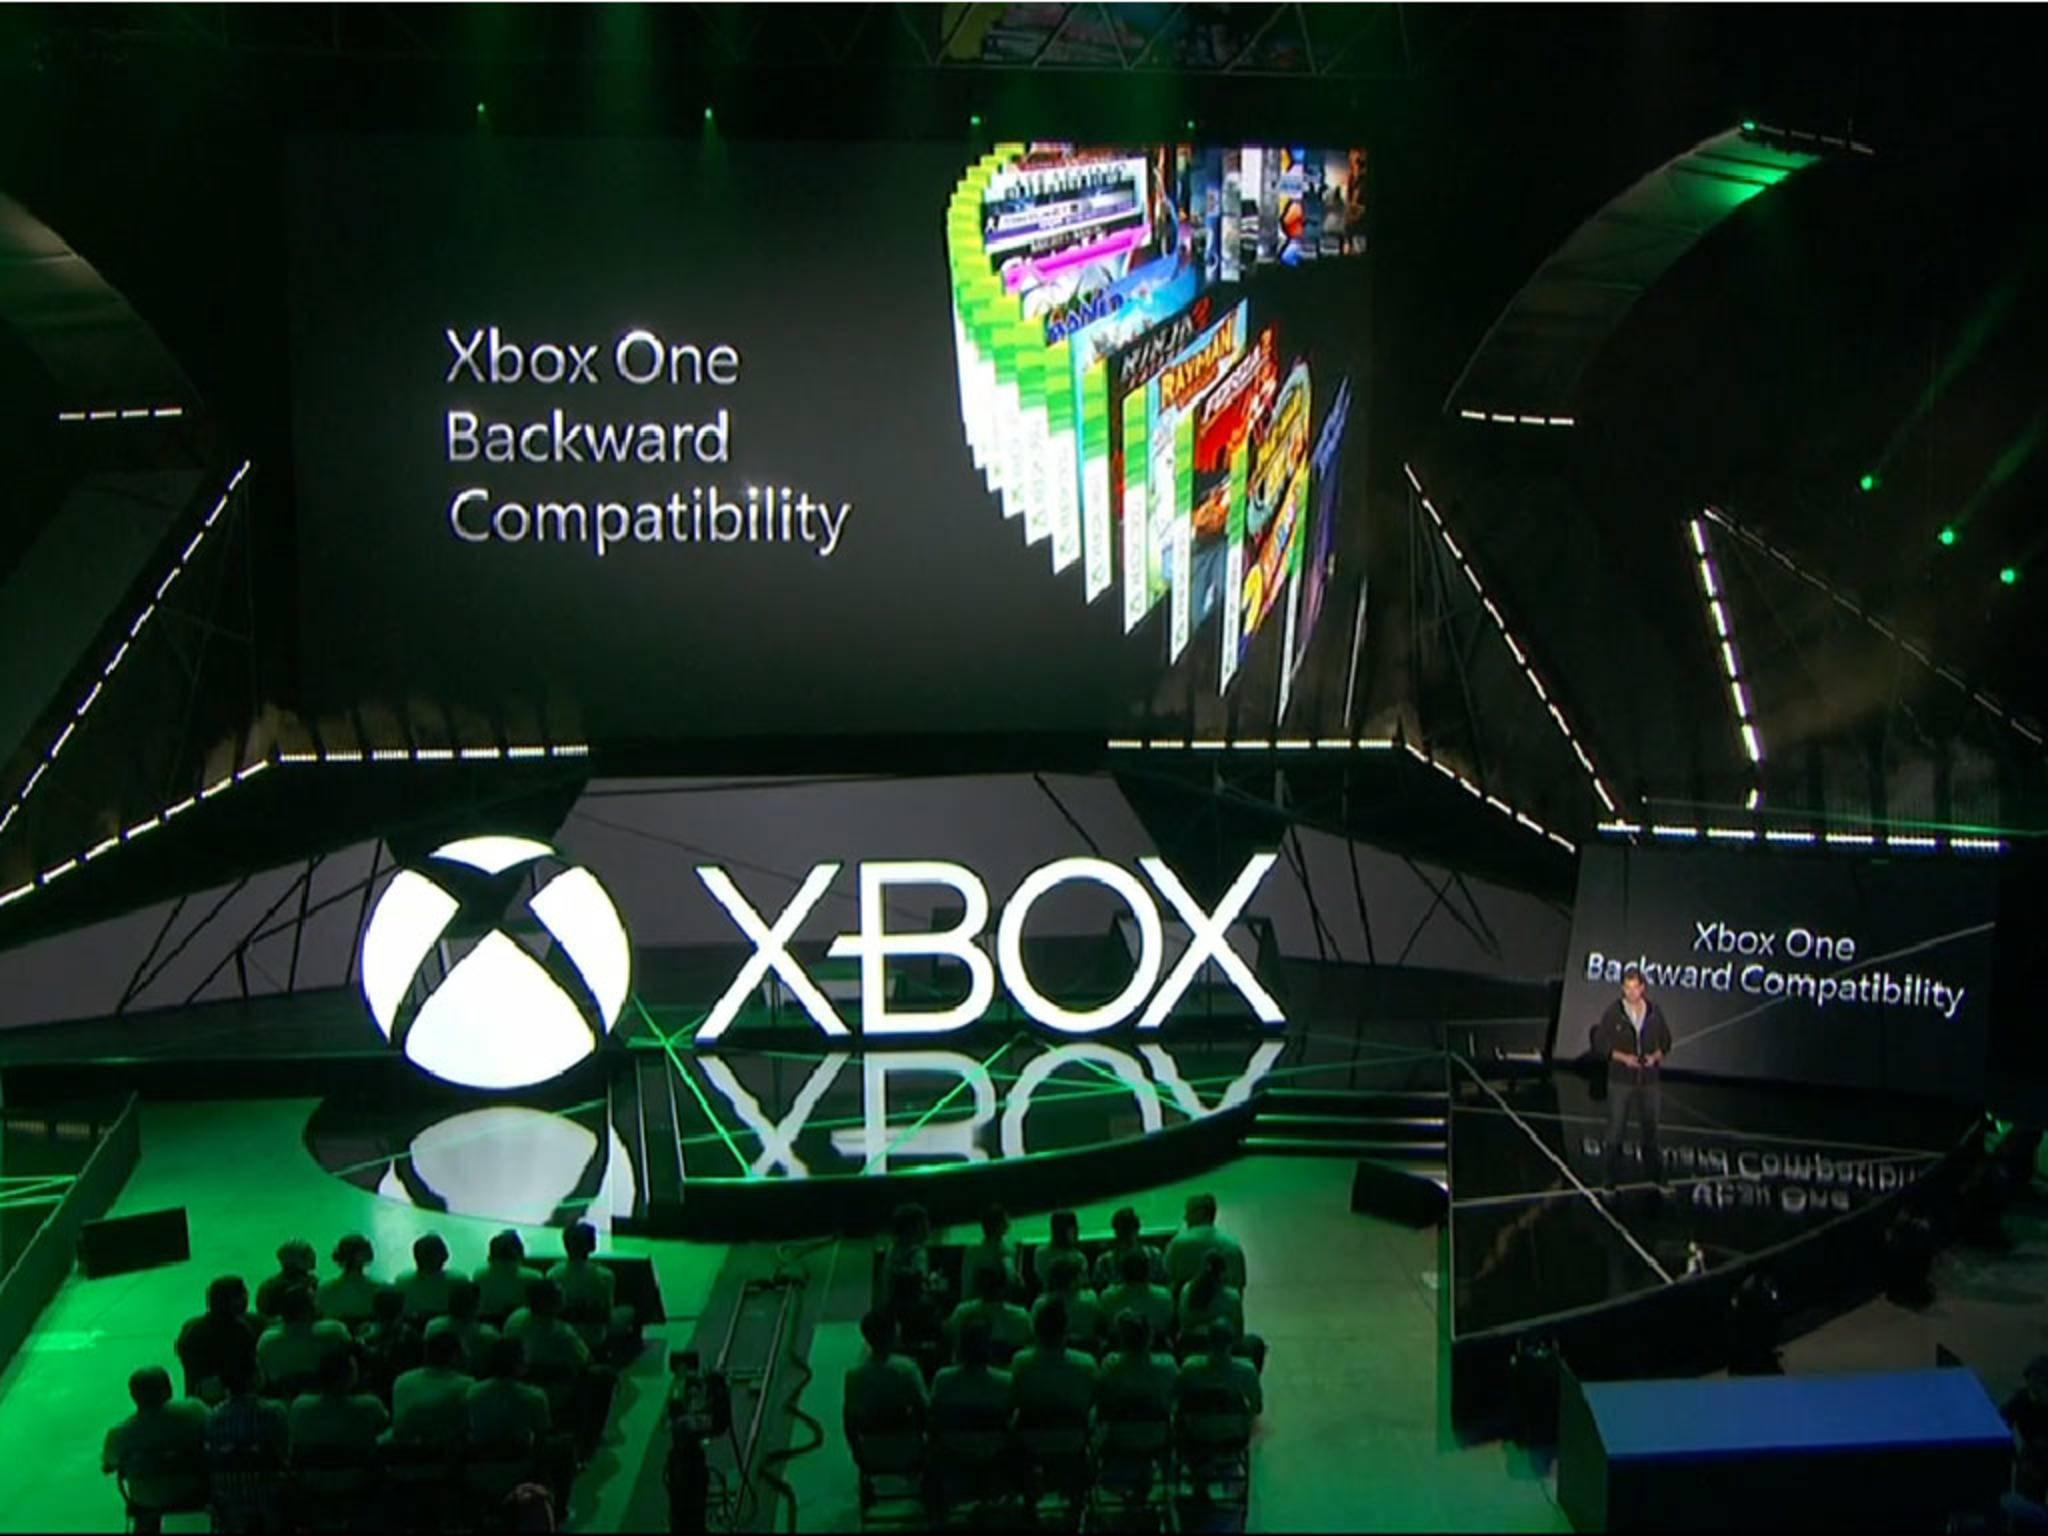 Auf der Spielemesse E3 hatte Microsoft die Abwärtskompatibilität der Xbox One angekündigt.